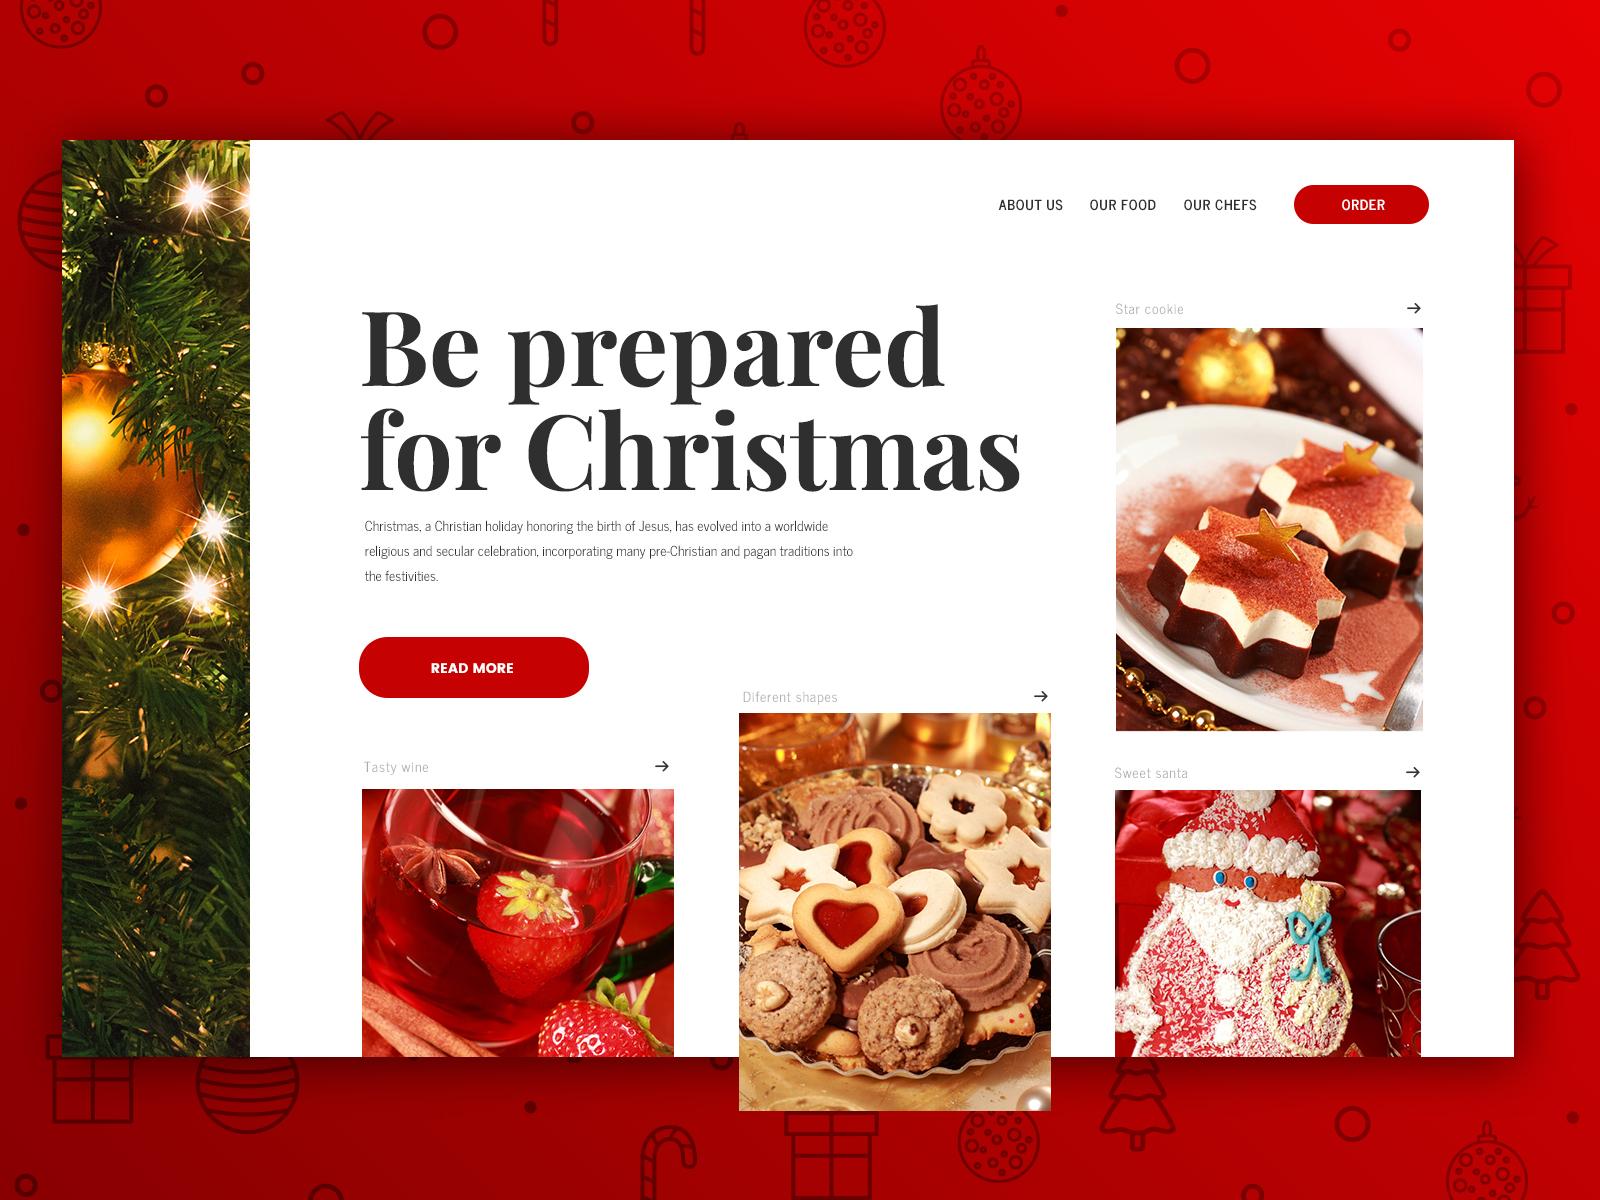 Restaurant Webdesign for Christmas by PopArt Studio | Dribbble ...